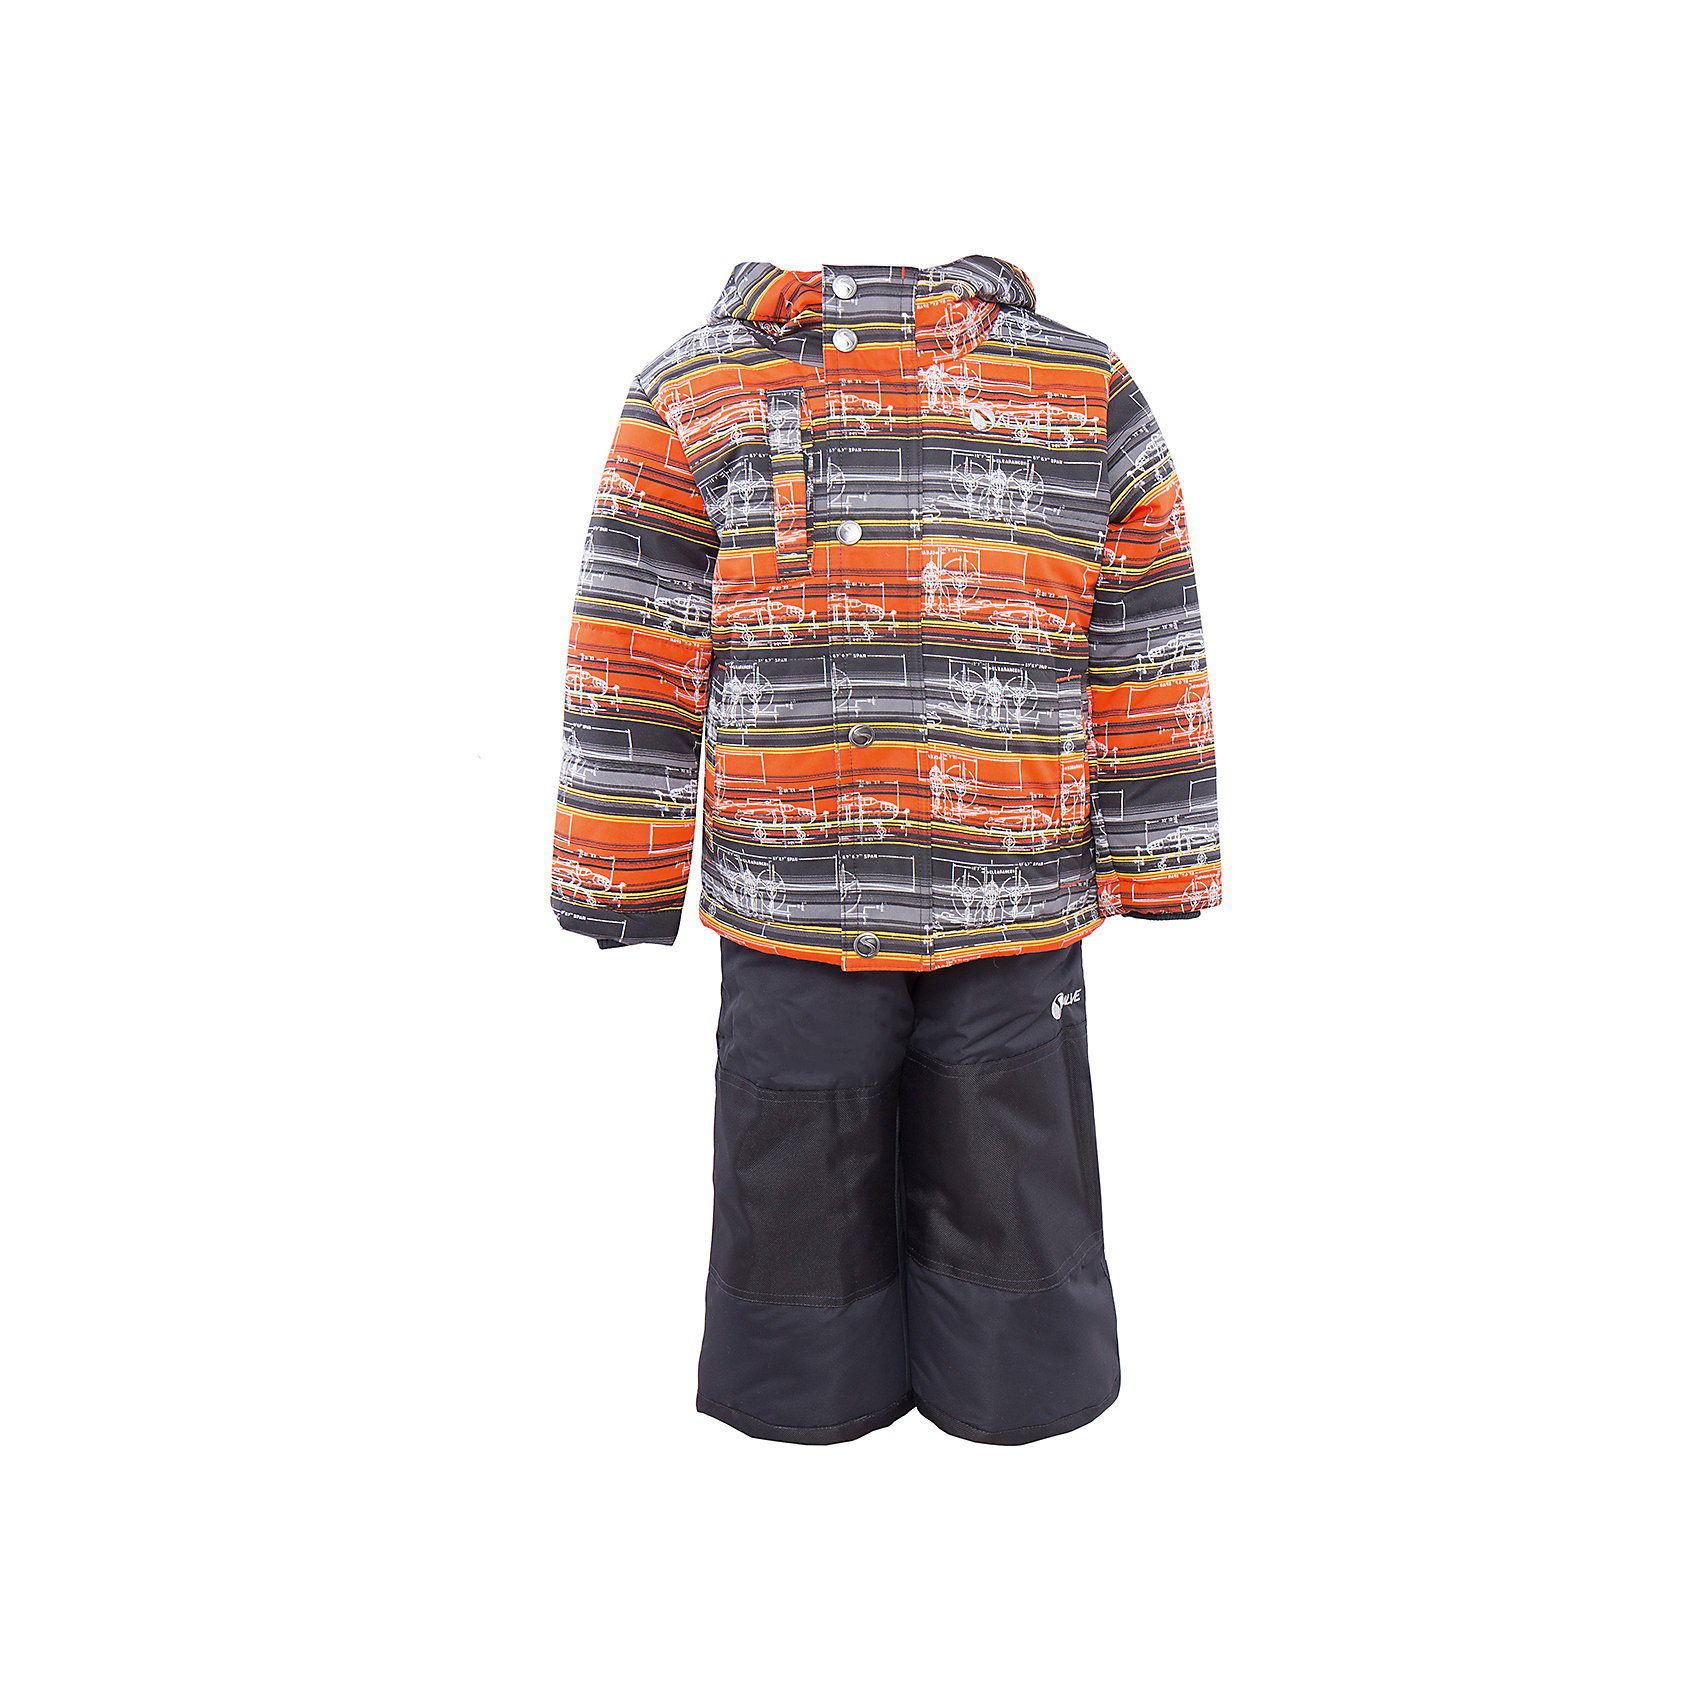 Комплект: куртка и полукомбинезон для мальчика SalveВерхняя одежда<br>Характеристики:<br><br>• Сезон: зима<br>• Степень утепления: высокая (куртка – 330 гр/м.кв.; полукомбинезон – 200 гр/м.кв.)<br>• Температурный режим*: от 0 до -30 градусов<br>• Пол: для мальчика<br>• Цвет: черный, оранжевый, серый<br>• Материал: полиэстер 100%<br>• Комплектация: куртка, полукомбинезон<br>• Наличие снегозащитной юбки<br>• Тип застежки: молния, кнопки<br>• Манжеты на куртке: эластичные, трикотажные<br>• Капюшон: не отстегивается<br>• Регулируемые лямки у полукомбинезона<br>• Карманы: 2 боковых  и 1 на груди у куртки  <br>• Уход: допускается стирка без чистящих и отбеливающих средств<br><br>Бренд Salve разработан и произведён канадской компанией Gusti International специально для российского рынка.<br><br>Комплект: куртка и полукомбинезон для мальчика Salve предназначен для прогулок в самое холодное время года. Изделие обеспечено высокой степенью утепления. Верхняя часть  комплекта выполнена из полиэстера, который обладает ветрозащитными и влагонепропускаемыми свойствами. Подклад на куртке выполнен из флиса. Для обеспечения поддержания микроклимата имеются эластичные трикотажных манжеты на рукавах куртки и резинки на брюках. Изделие выполнено из прочной ткани, имеется усиление на коленях, по низу полукомбинезона и сзади. Крой комплекта выполнен с учетом повышенной подвижности ребенка во время зимних прогулок: расширенные брючины не сковывают движений. <br>Комплект: куртка и полукомбинезон для мальчика Salve выполнен в ярком дизайне: полосатая оранжевая куртка с графическими элементами и полукомбинезон в классическом черном цвете.<br><br>Комплект: куртку и полукомбинезон для мальчика Salve можно купить в нашем интернет-магазине.<br><br>Ширина мм: 356<br>Глубина мм: 10<br>Высота мм: 245<br>Вес г: 519<br>Цвет: желтый<br>Возраст от месяцев: 18<br>Возраст до месяцев: 24<br>Пол: Мужской<br>Возраст: Детский<br>Размер: 92,128,98,104,110,116,122<br>SKU: 5044696